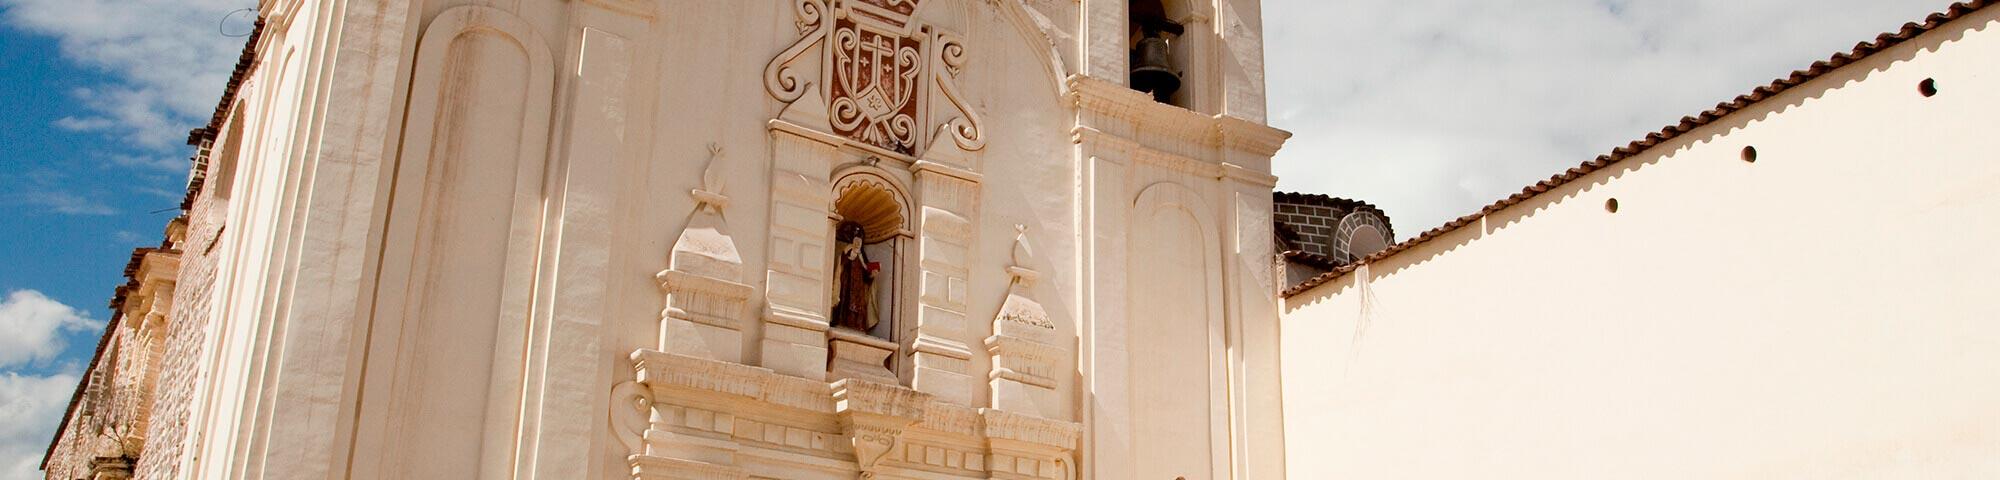 Templo de Santa Teresa y Monasterio de las Carmelitas Descalzas